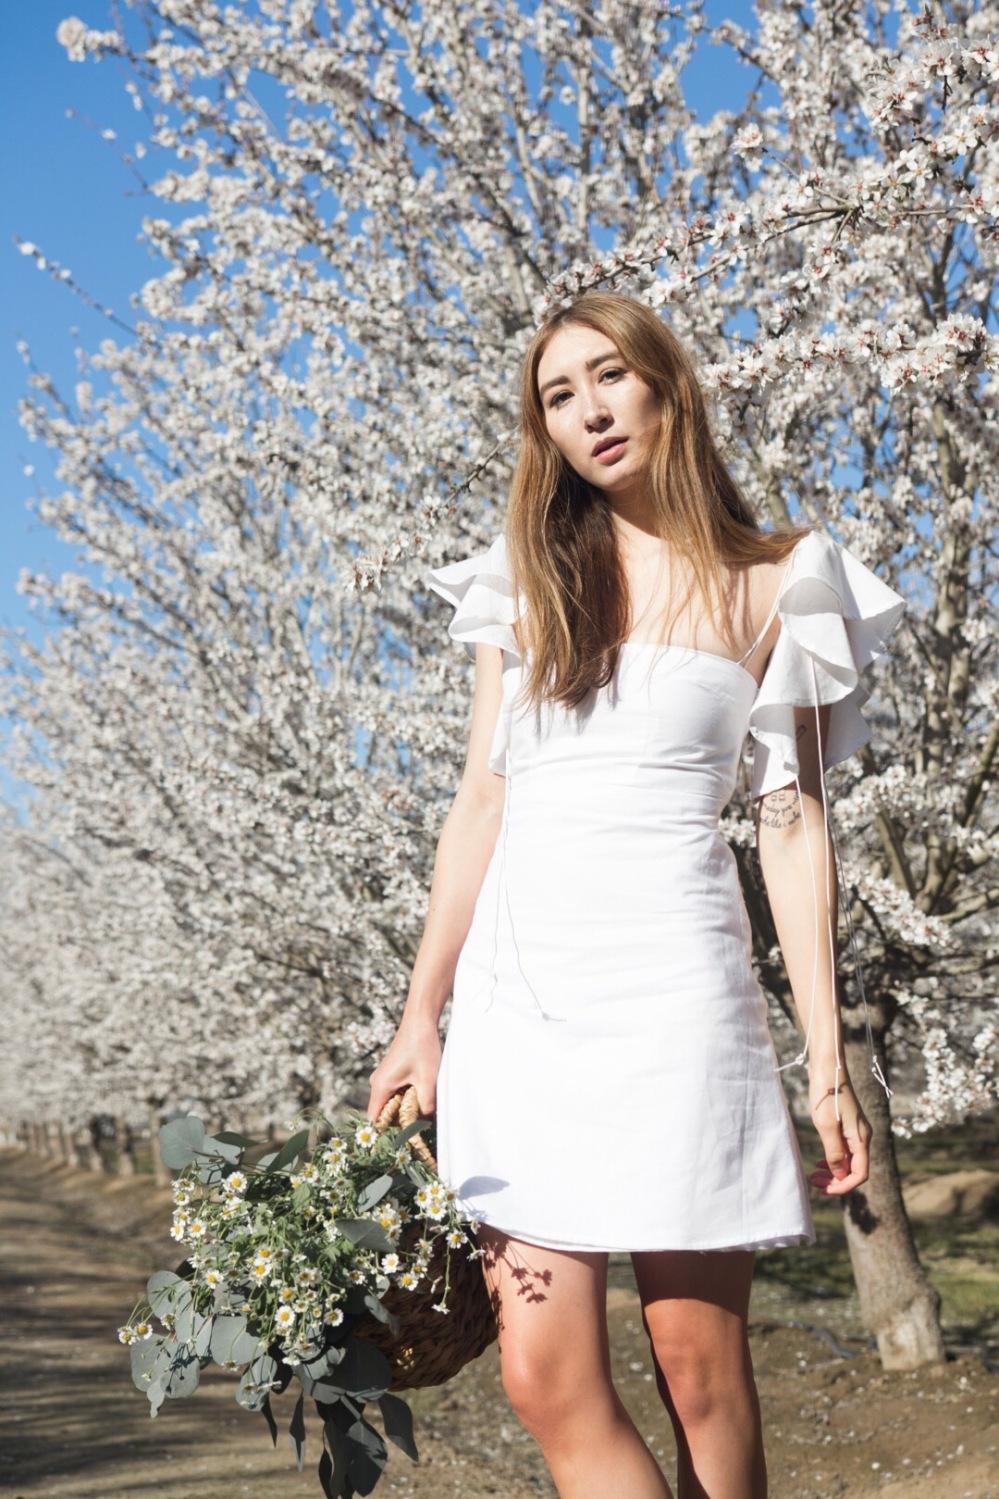 Alyssa Nicole The Camilla Dress